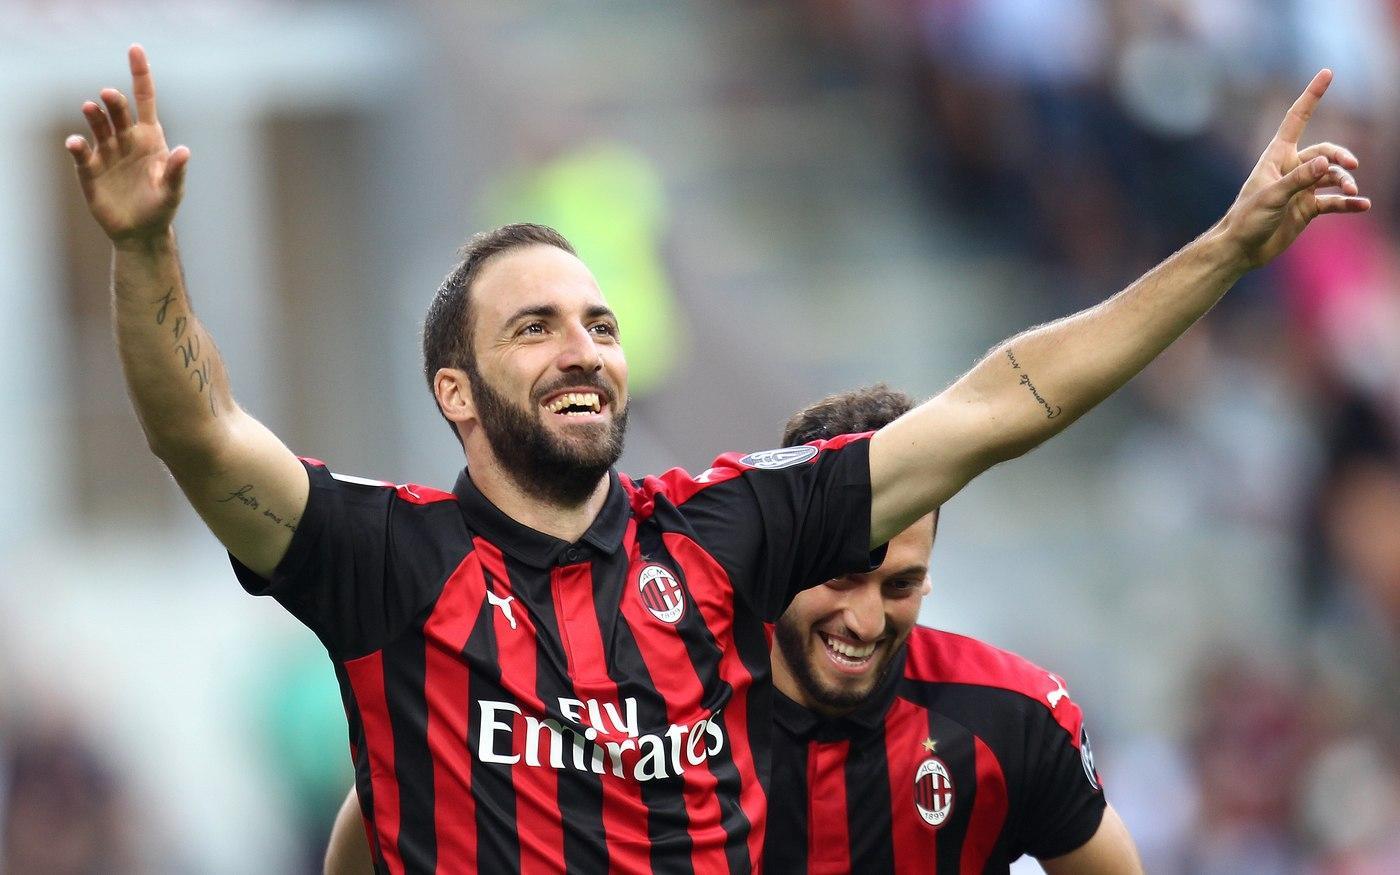 Vince e convince il  Milan  che nell'ottava giornata di Serie A ha battuto 3-1 il  Chievo  a San Siro. Protagonisti  Higuain  e Suso con l'argentino lucido a firmare una doppietta tra il 27' e il 34' sempre imbeccato dallo spagnolo, portando a sei il proprio bottino di reti in sette presenze in rossonero. Nella ripresa  Bonaventura  cala il tris al 56' con una deviazione di Rossettini. Di Pellissier il gol per i clivensi con un bell'esterno al 63'.